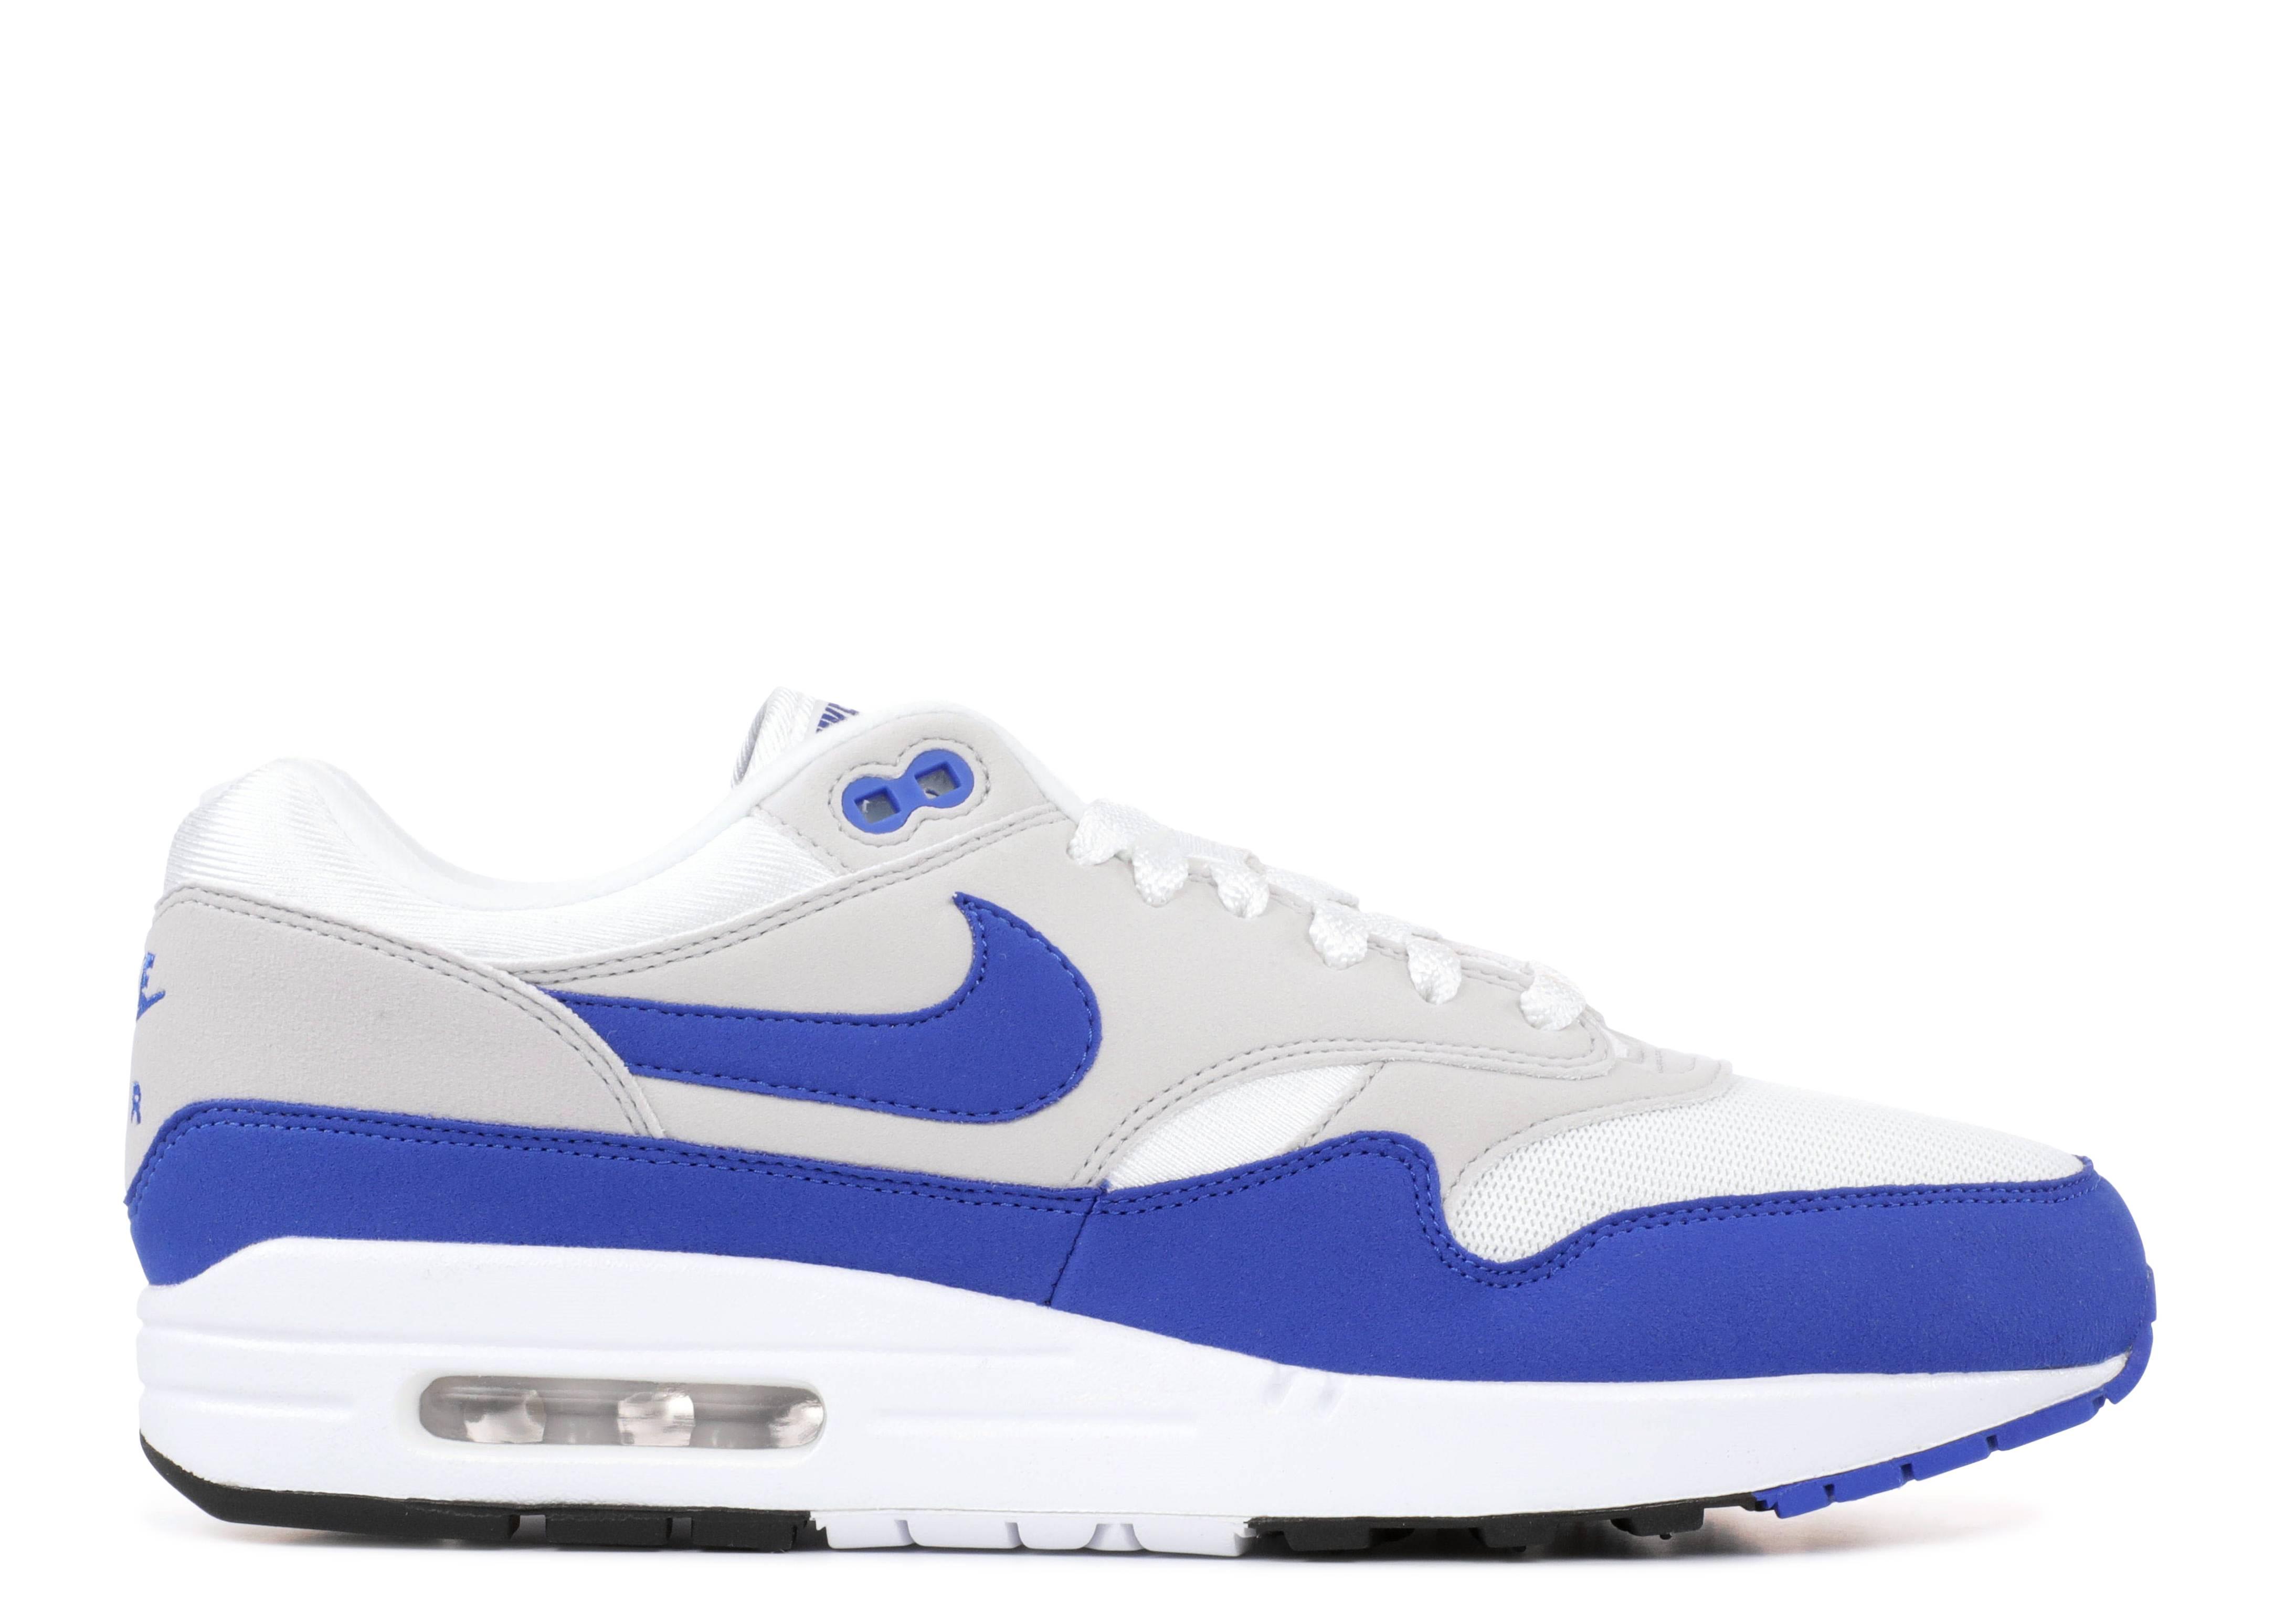 Nike Air Max 1 Mens – Air Max 1 Anniversary WhiteGame Royal Neutral Grey